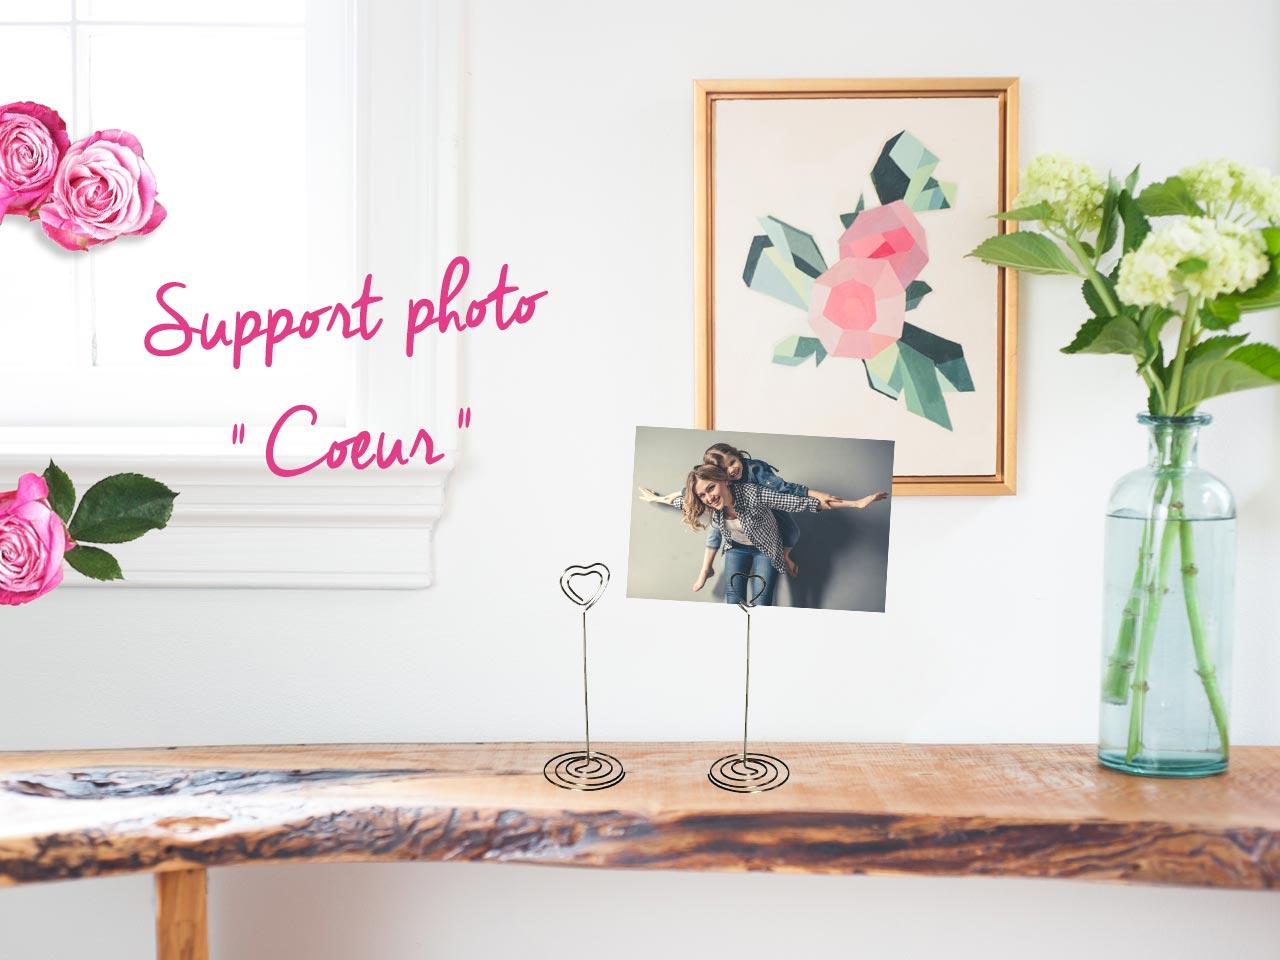 cadeau fête des mères à fabriquer : support photo facile